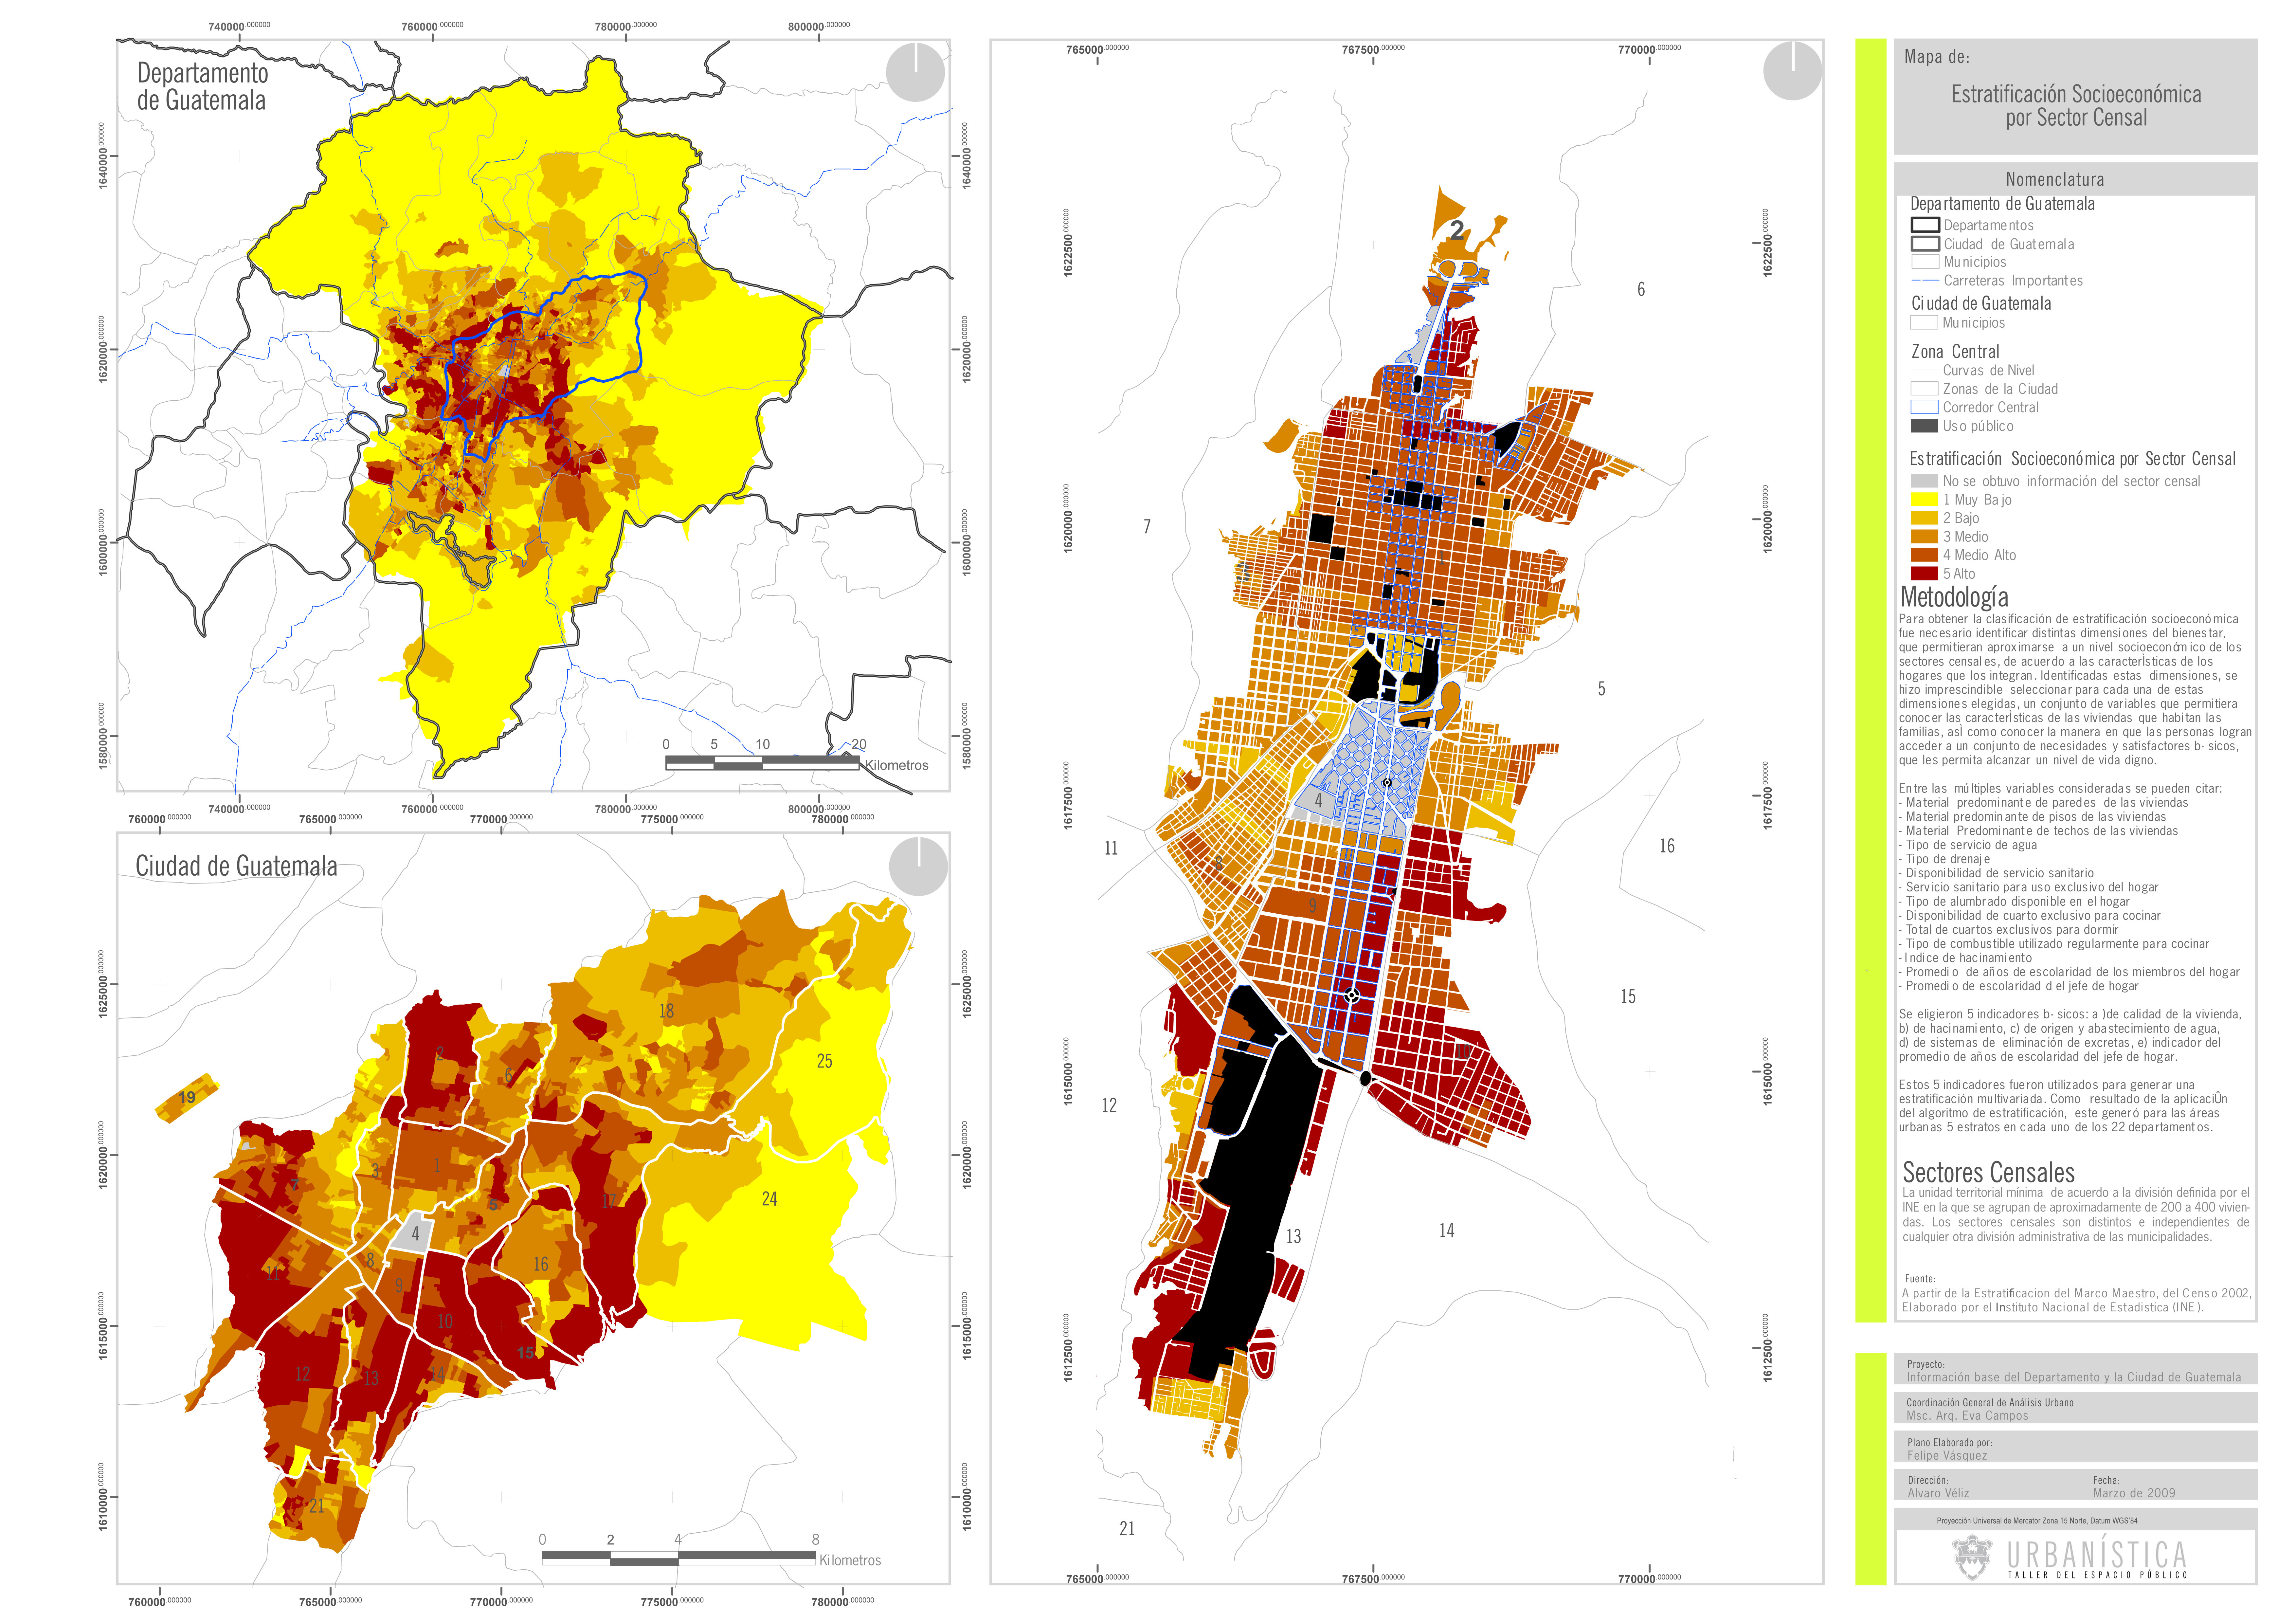 Estratos sociales en la Ciudad de Guatemala 2009